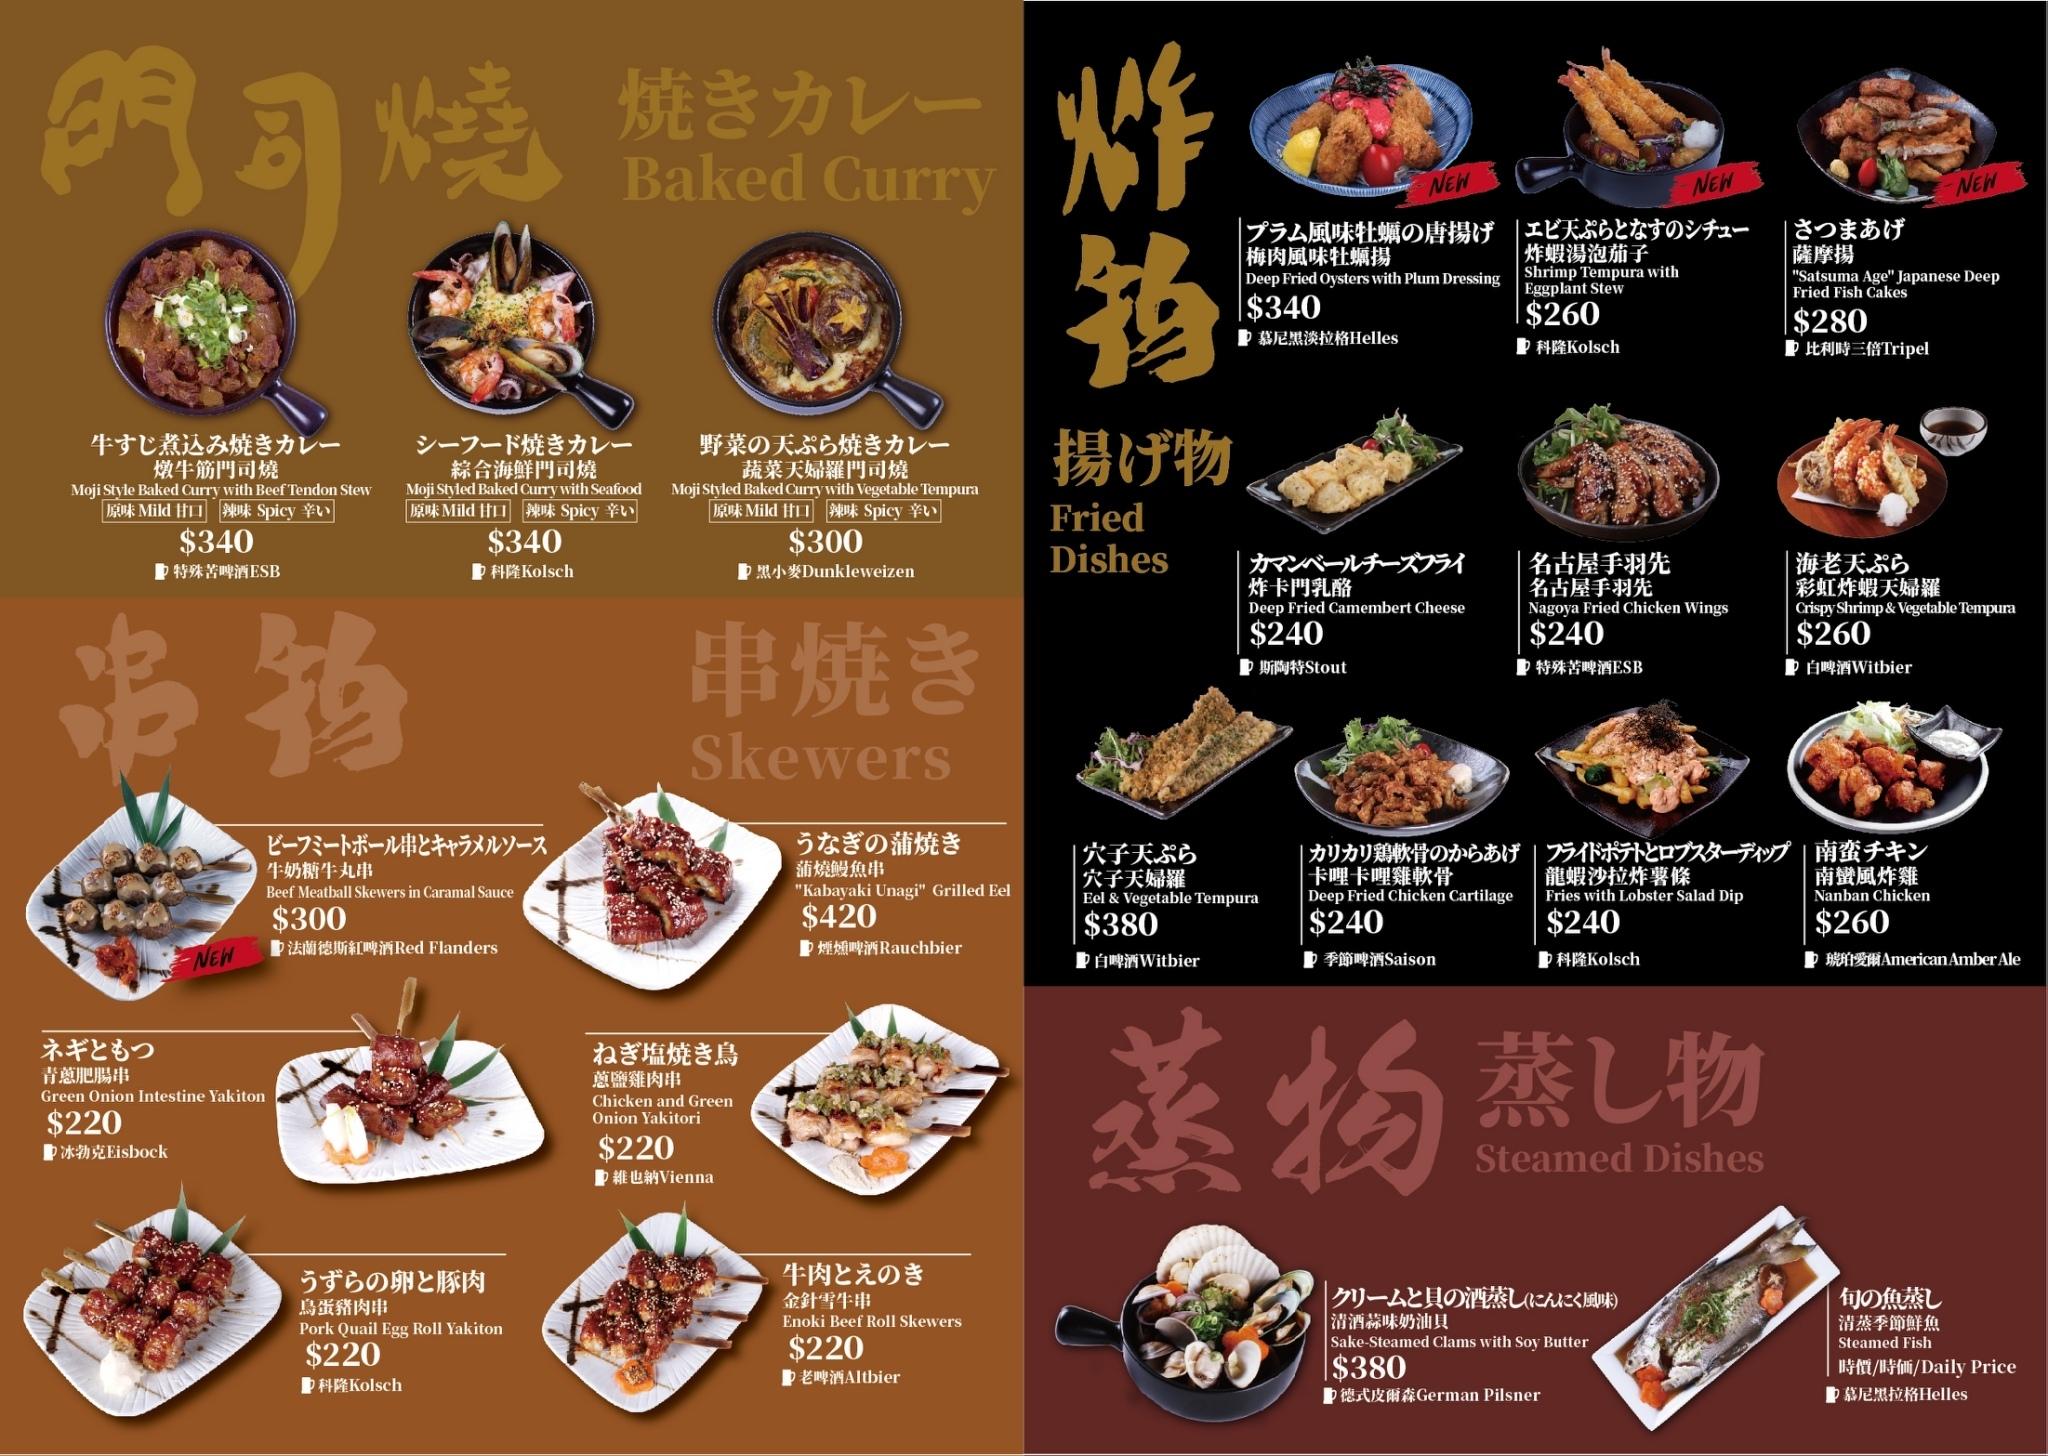 abv_menu5.jpg